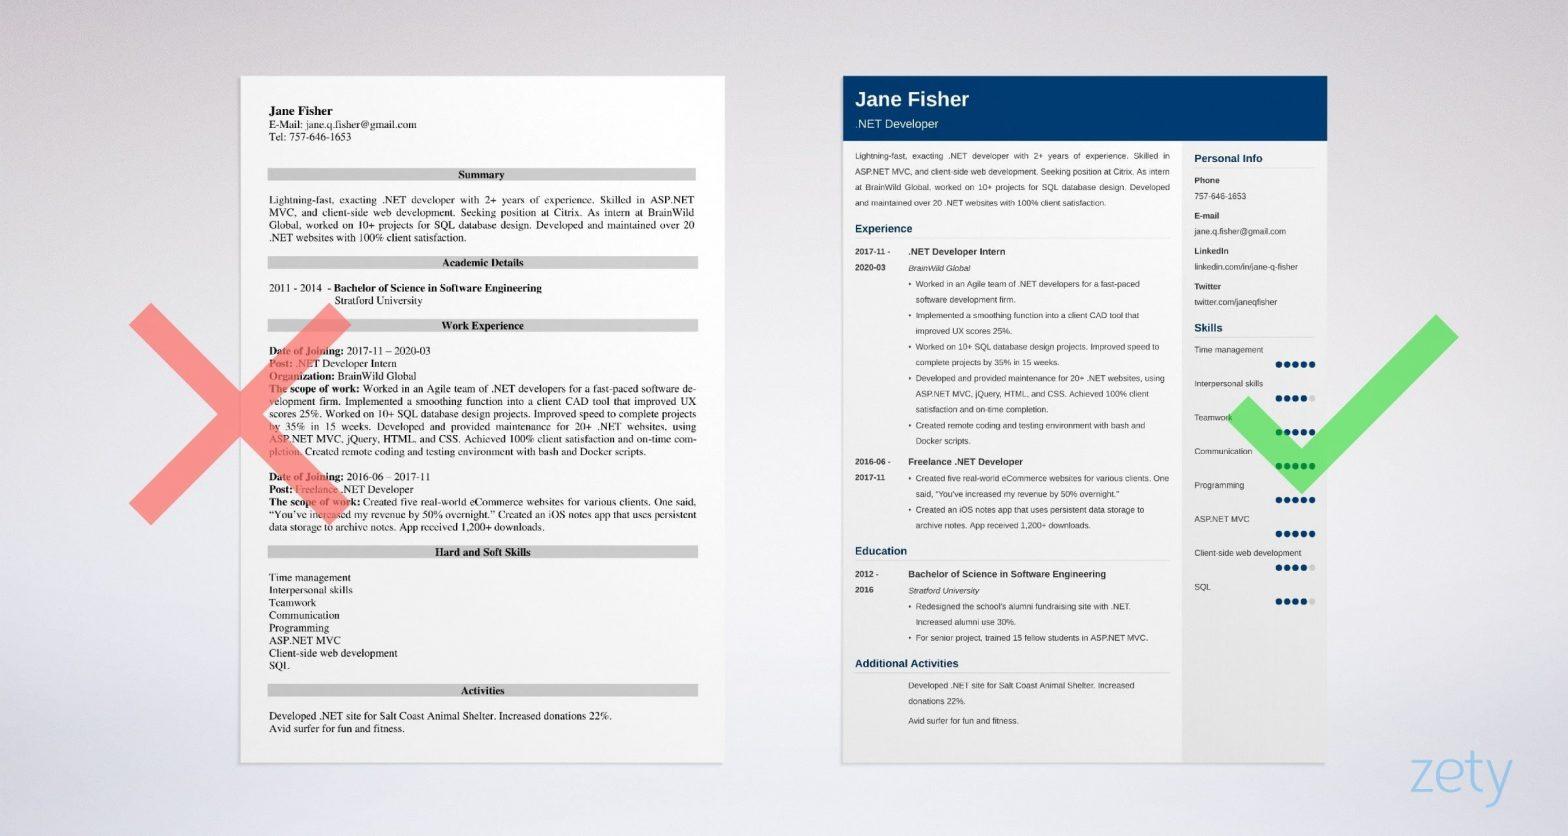 Sample Dot Net Resume for Experienced Net Developer Resume Samples [experienced & Entry Level]